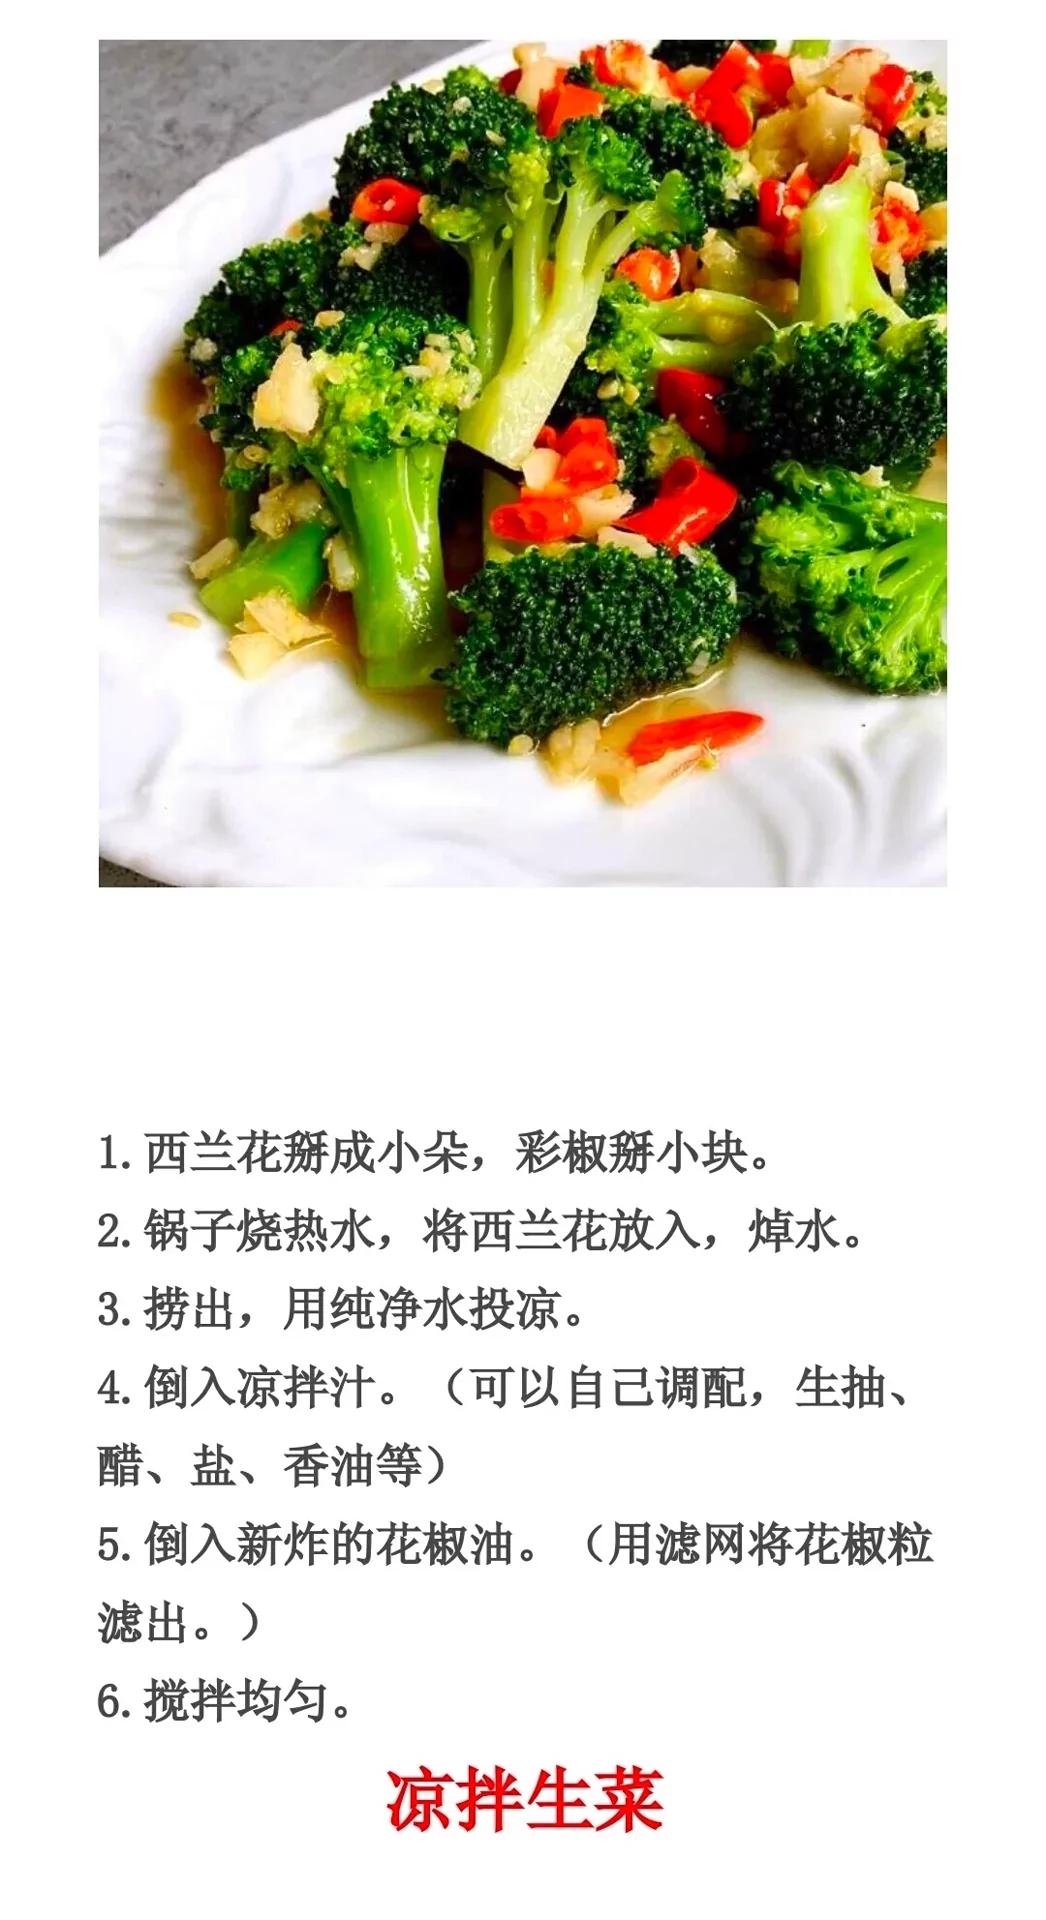 凉拌菜做法及配料 美食做法 第8张